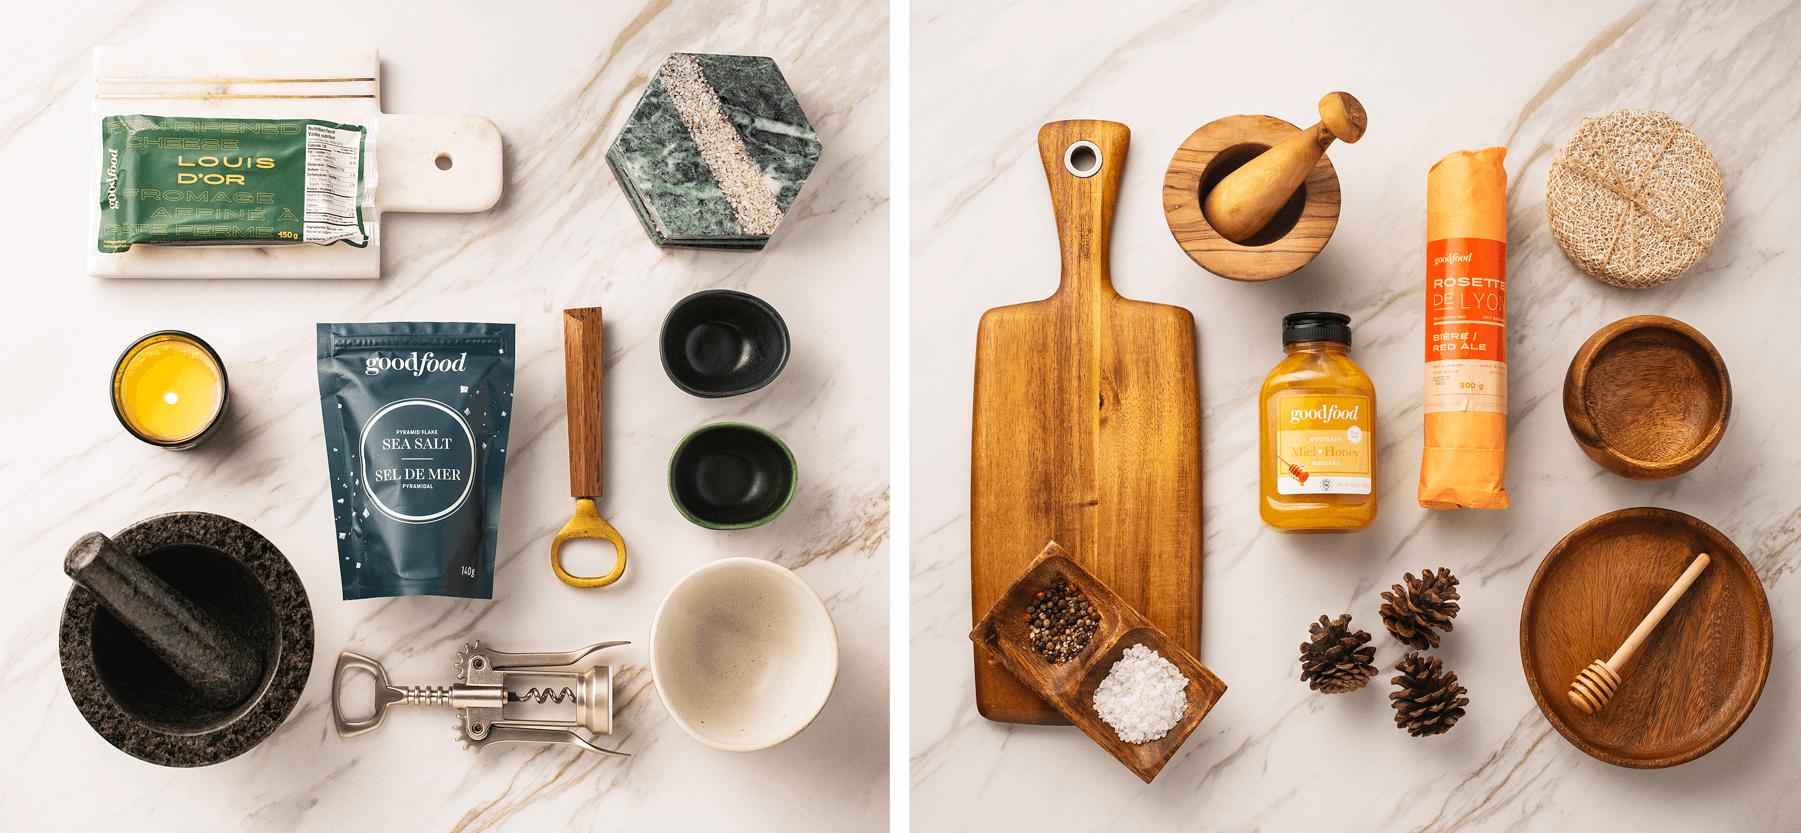 Guide cadeaux de Marché Goodfood : les meilleurs cadeaux pour les foodies en 2019